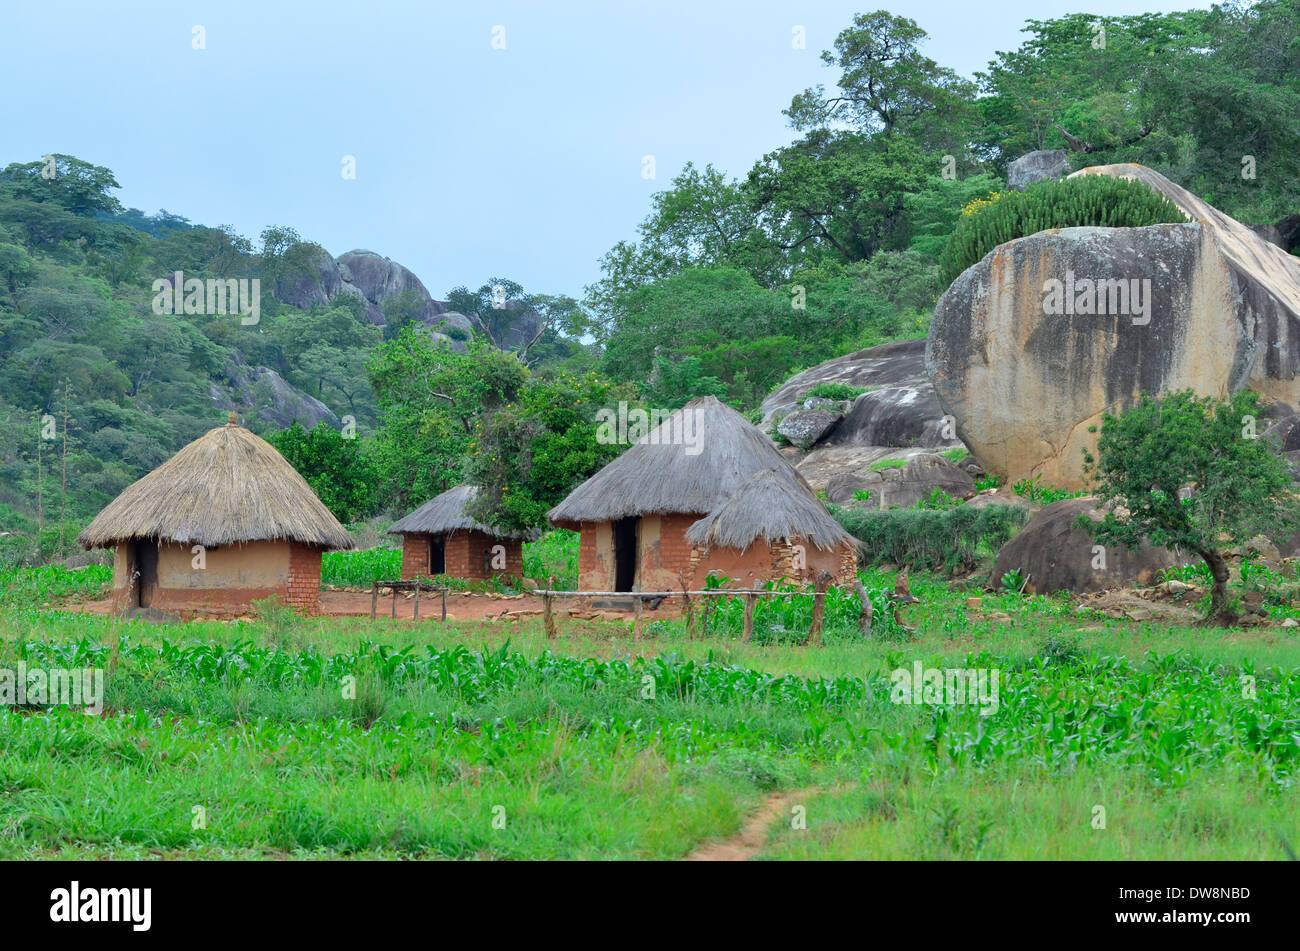 Eastern Highlands du Zimbabwe en été avec des couleurs vert et montagneux de l'habitat. Des champs de maïs et de huttes traditionnelles. Photo Stock